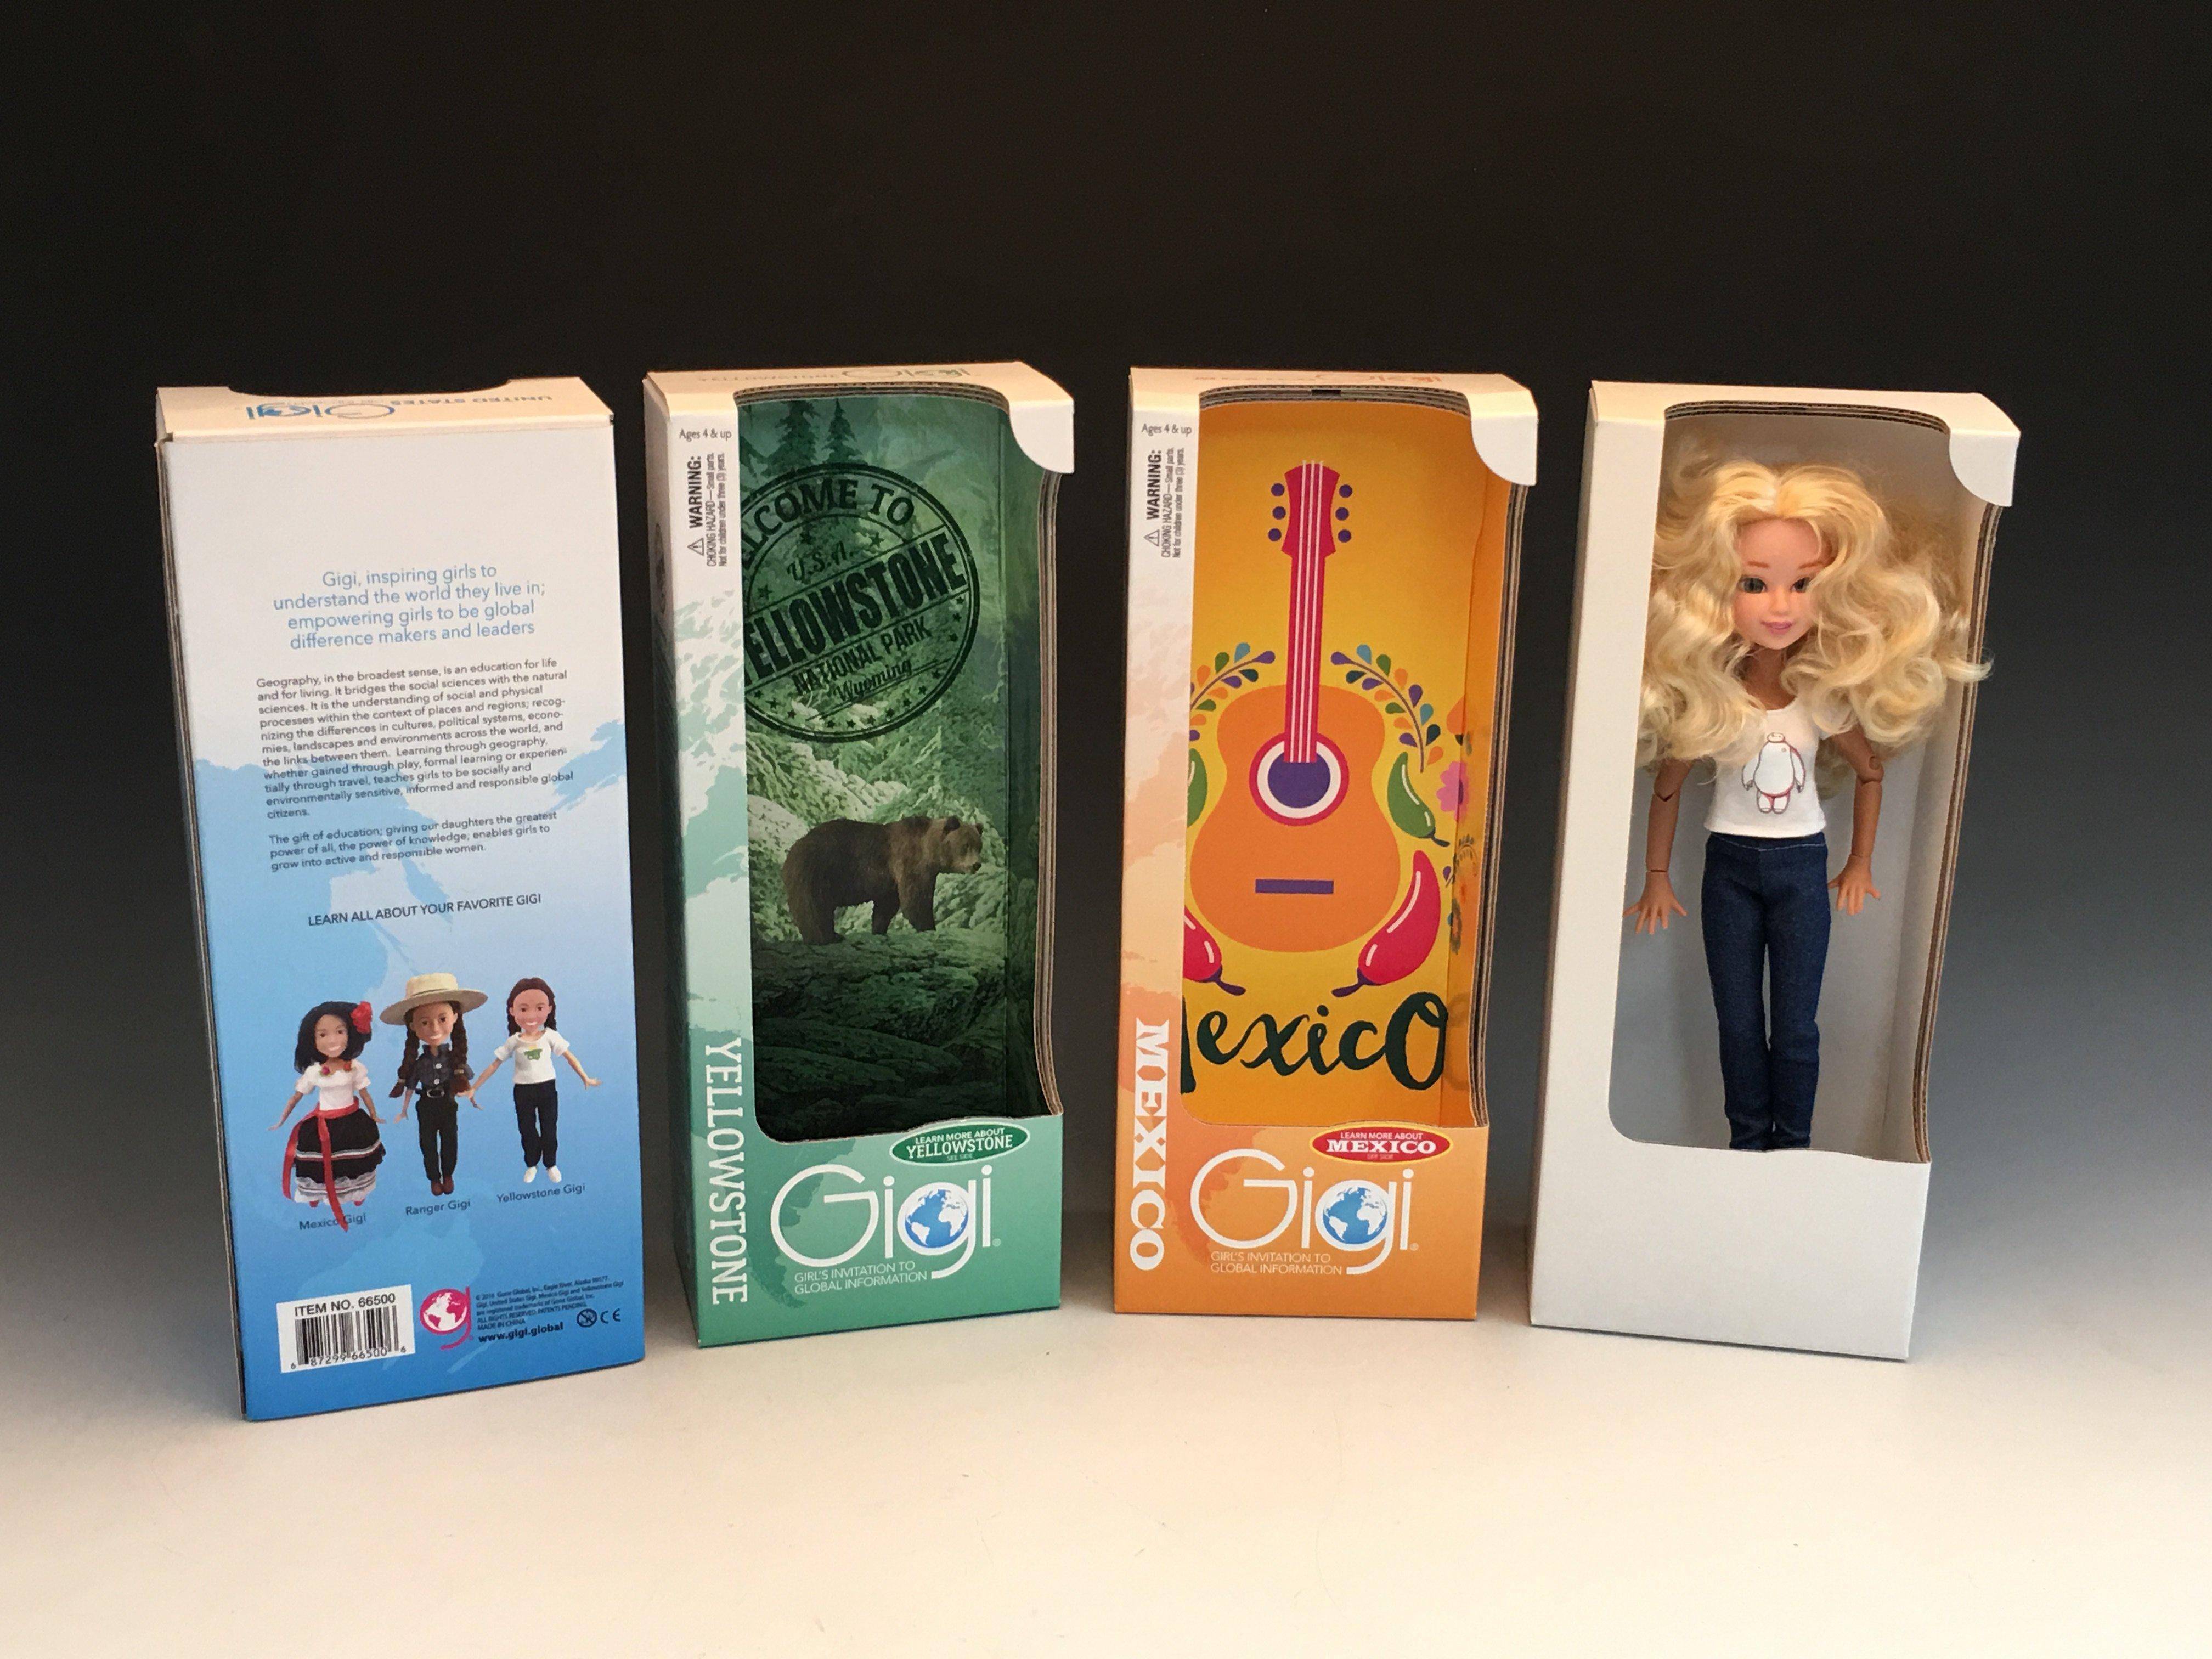 Packaging samples